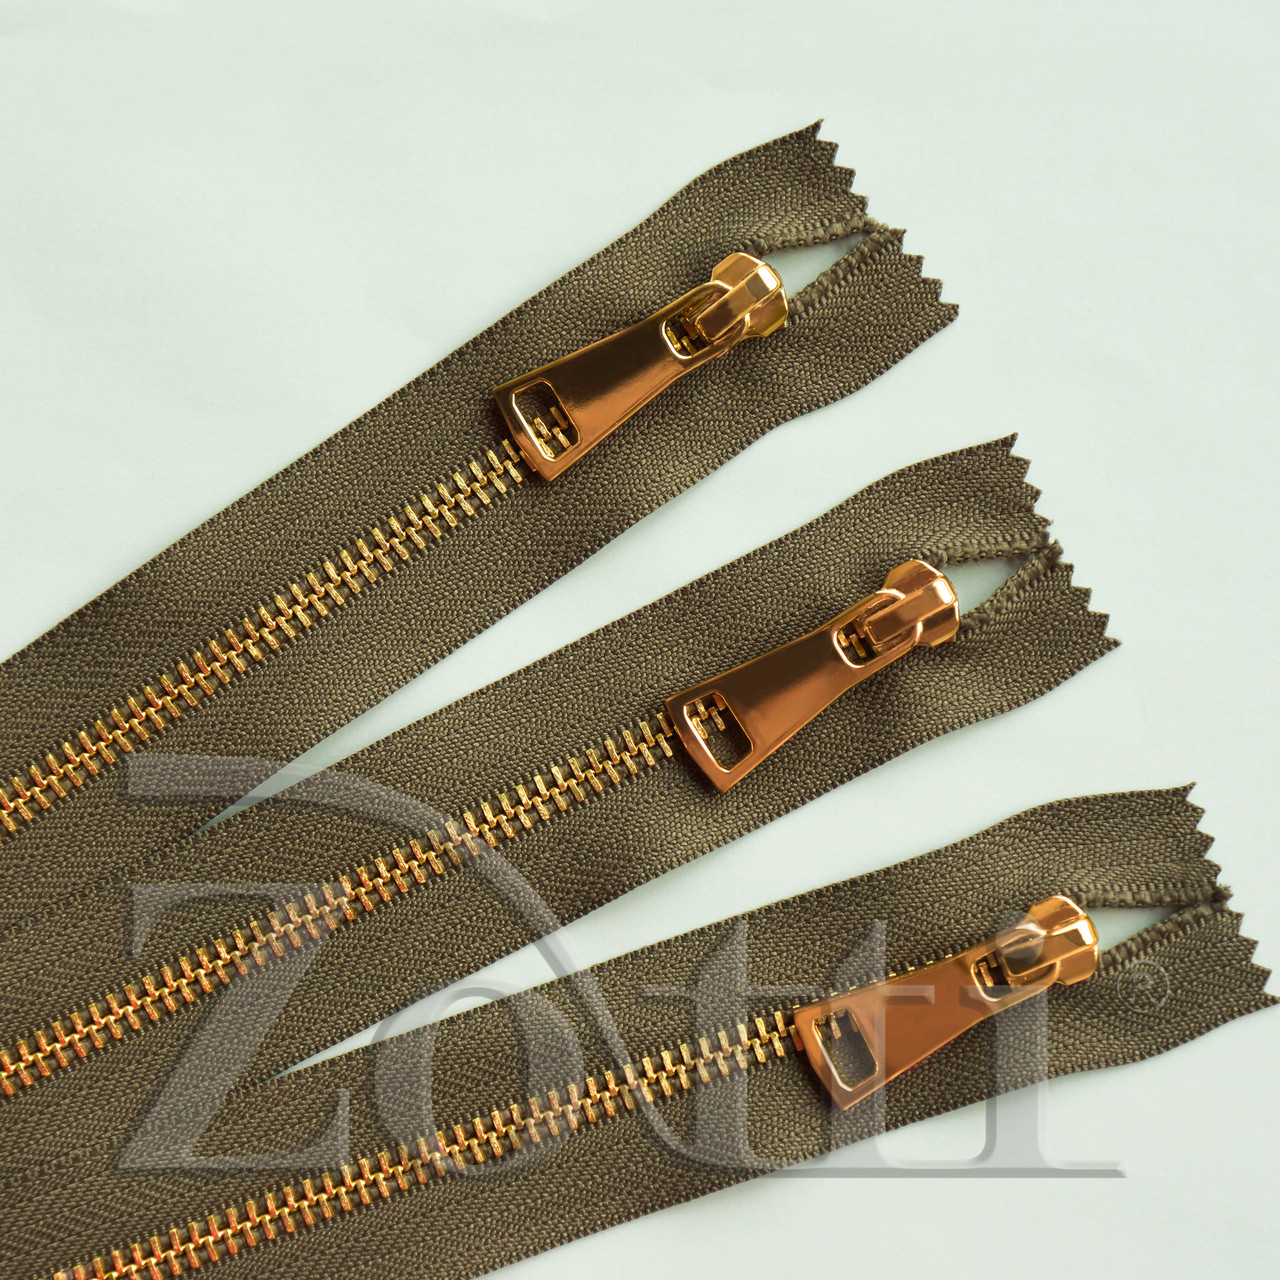 Молния (змейка,застежка) металлическая №5, размерная, обувная, хаки, с золотым бегунком № 115 - 10 см